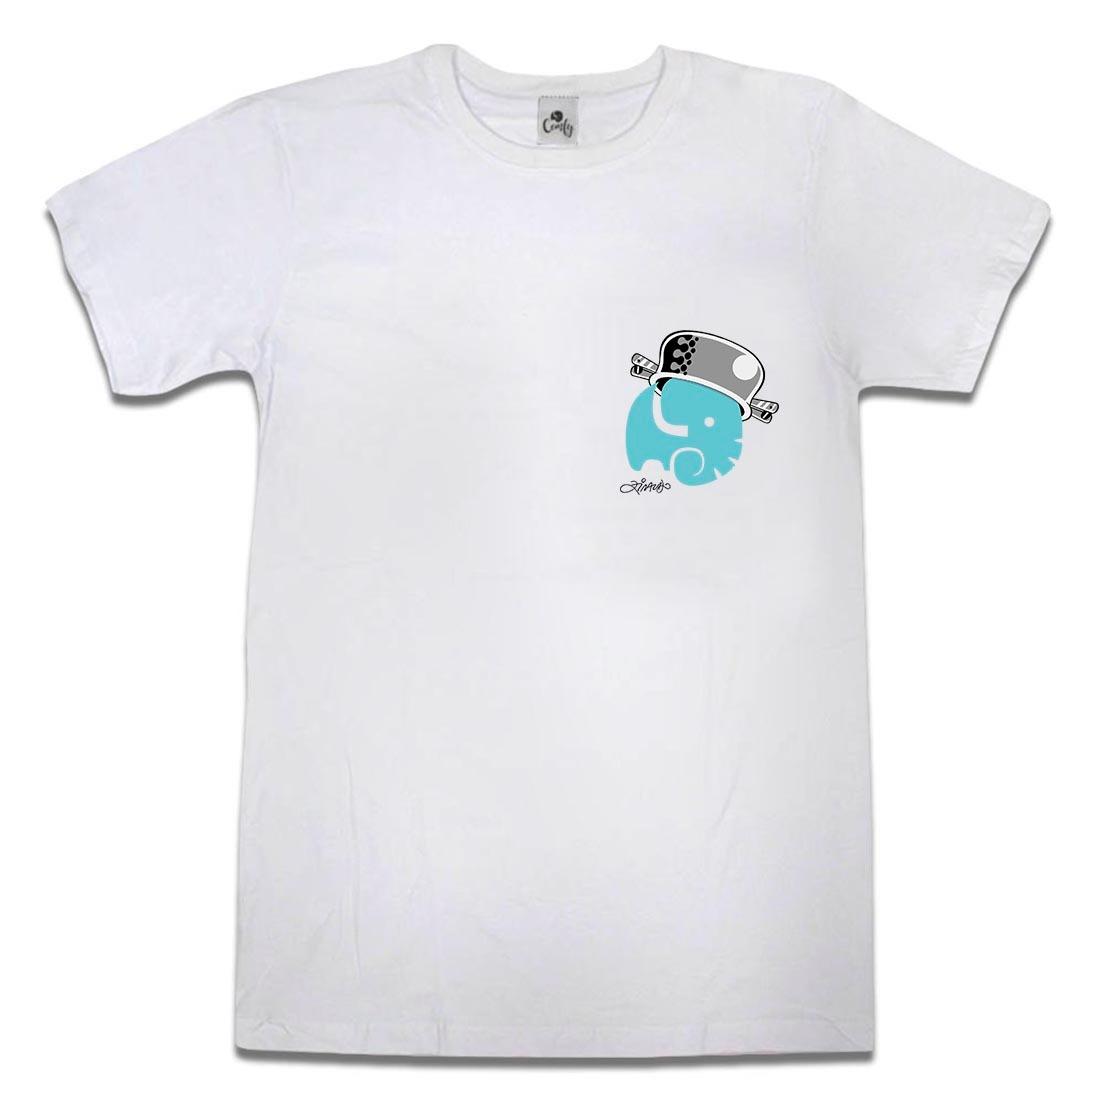 Camiseta Menino Maluquinho Panelinha